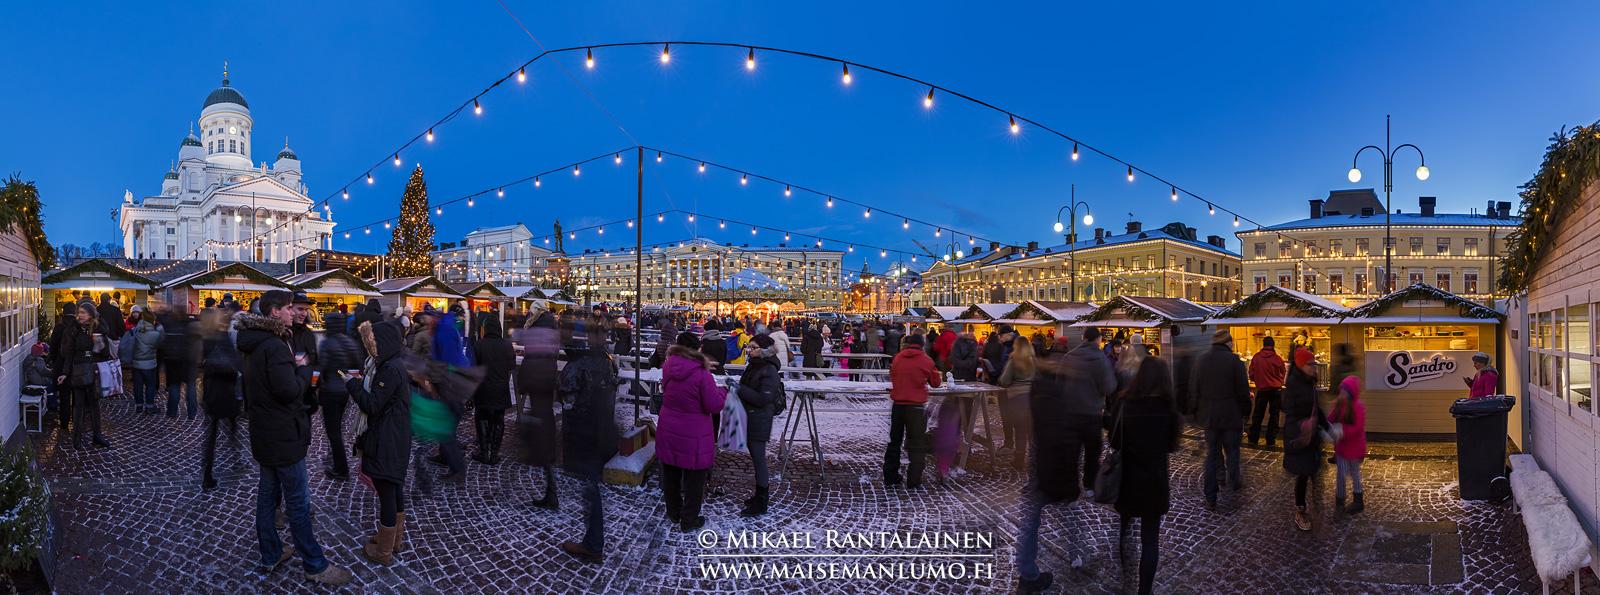 Tuomaan Markkinat, Senaatintori, Helsinki (HP141)